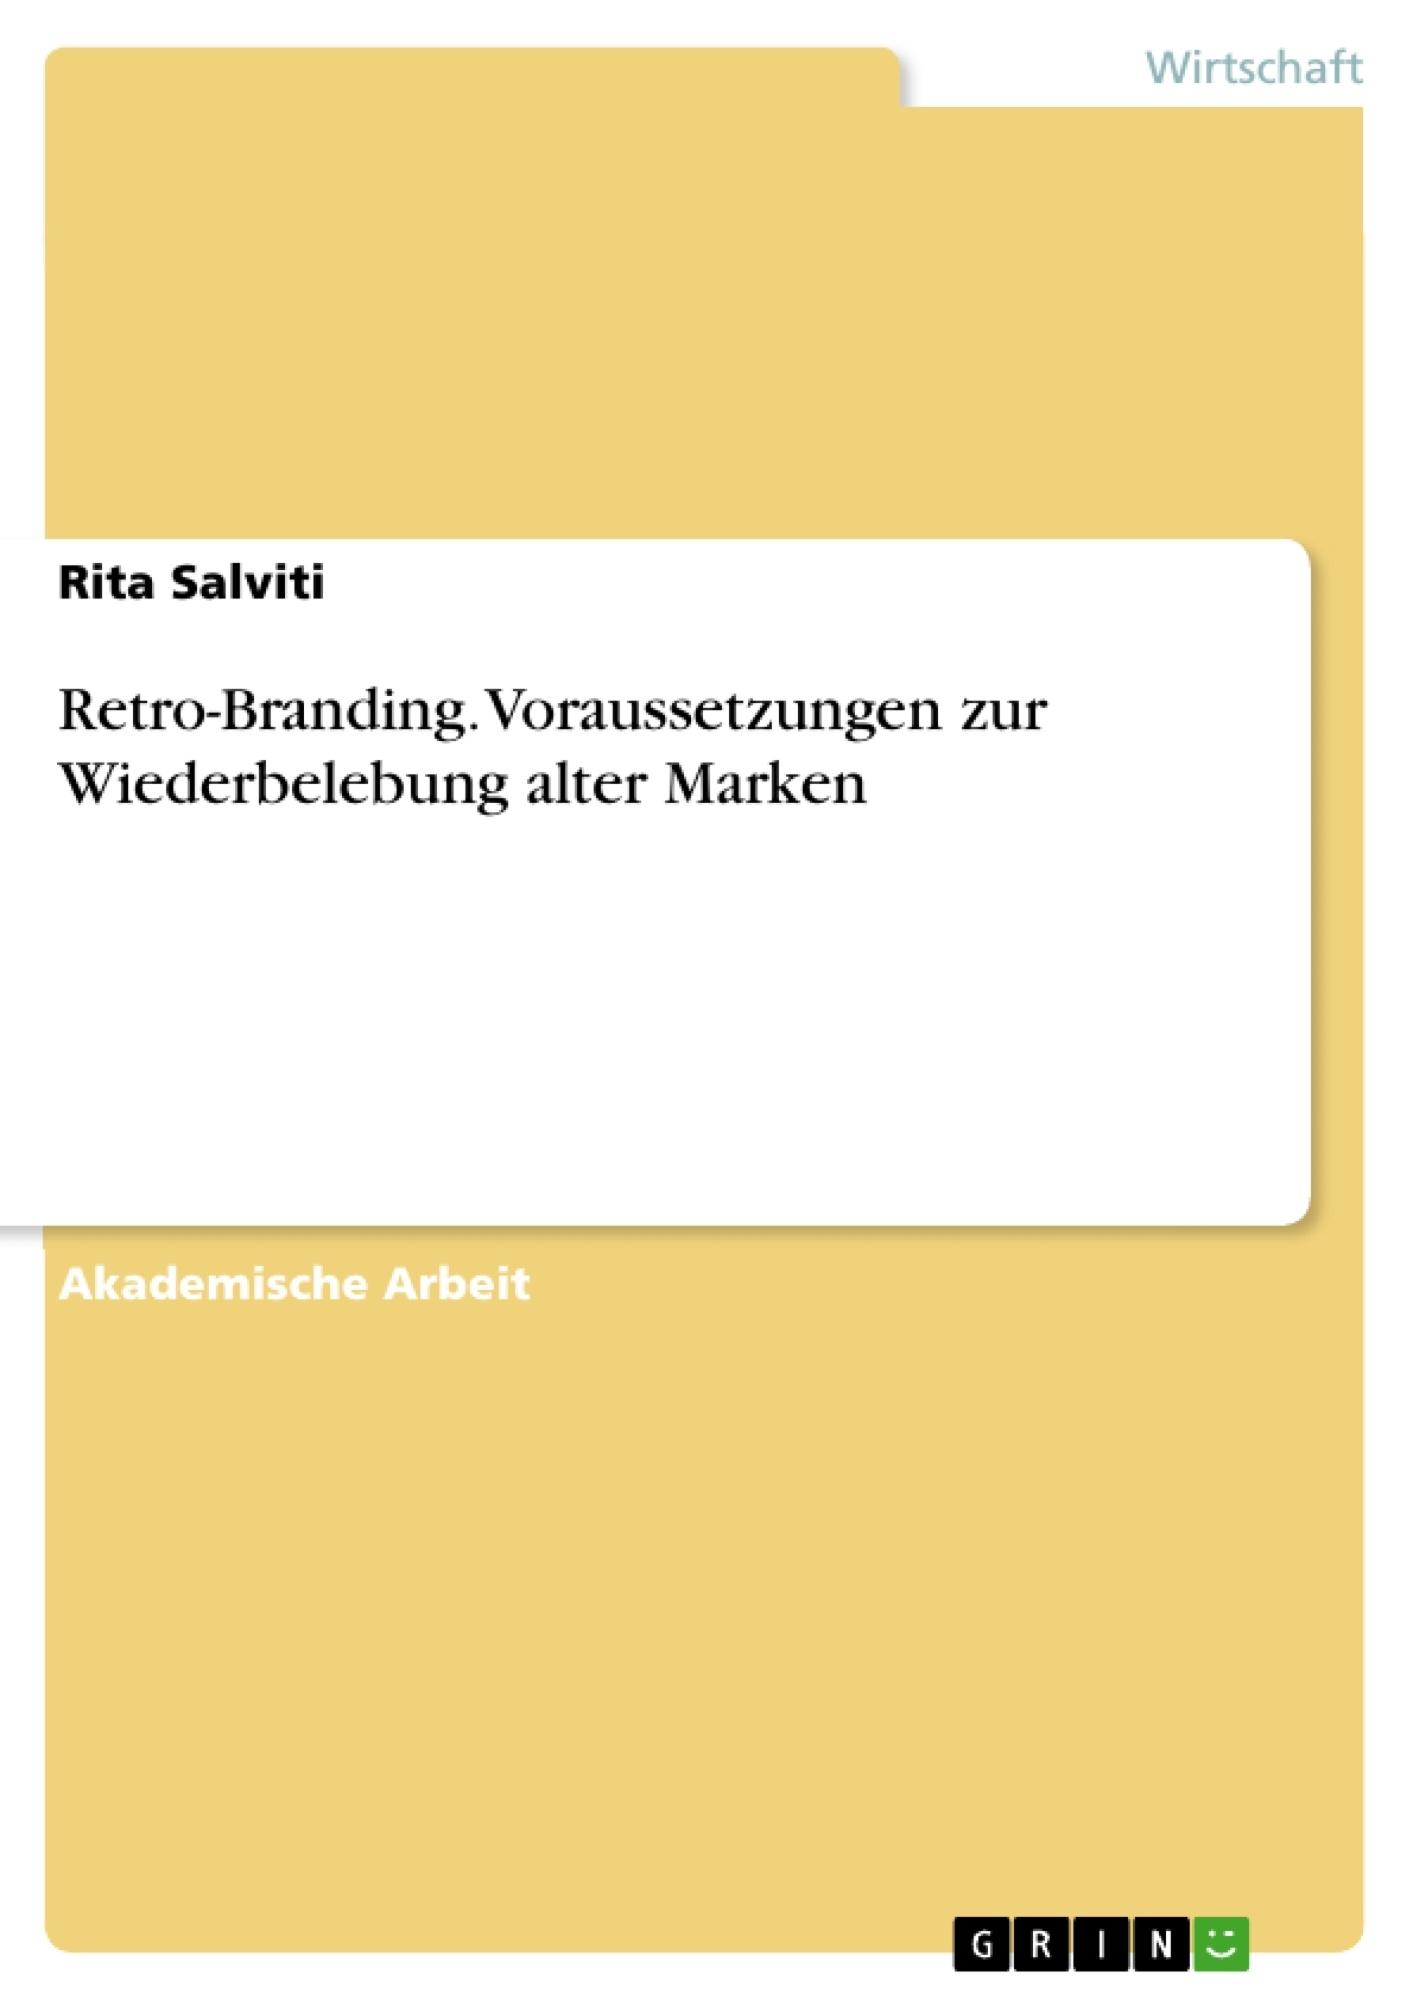 Titel: Retro-Branding. Voraussetzungen zur Wiederbelebung alter Marken